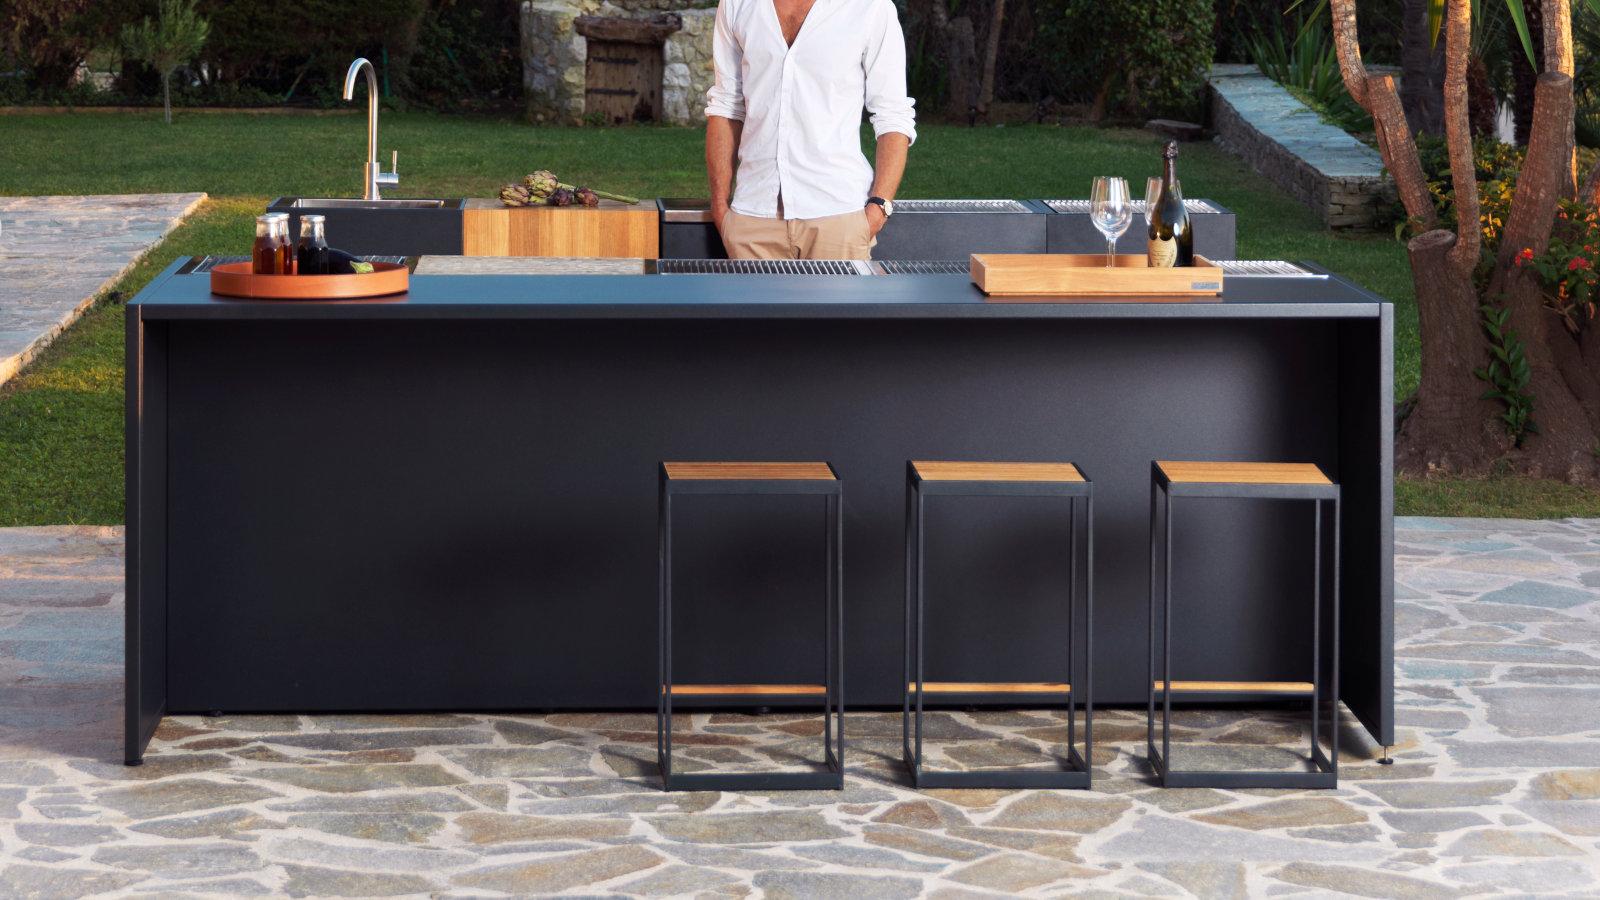 designer outdoor küche open kitchen von röshults